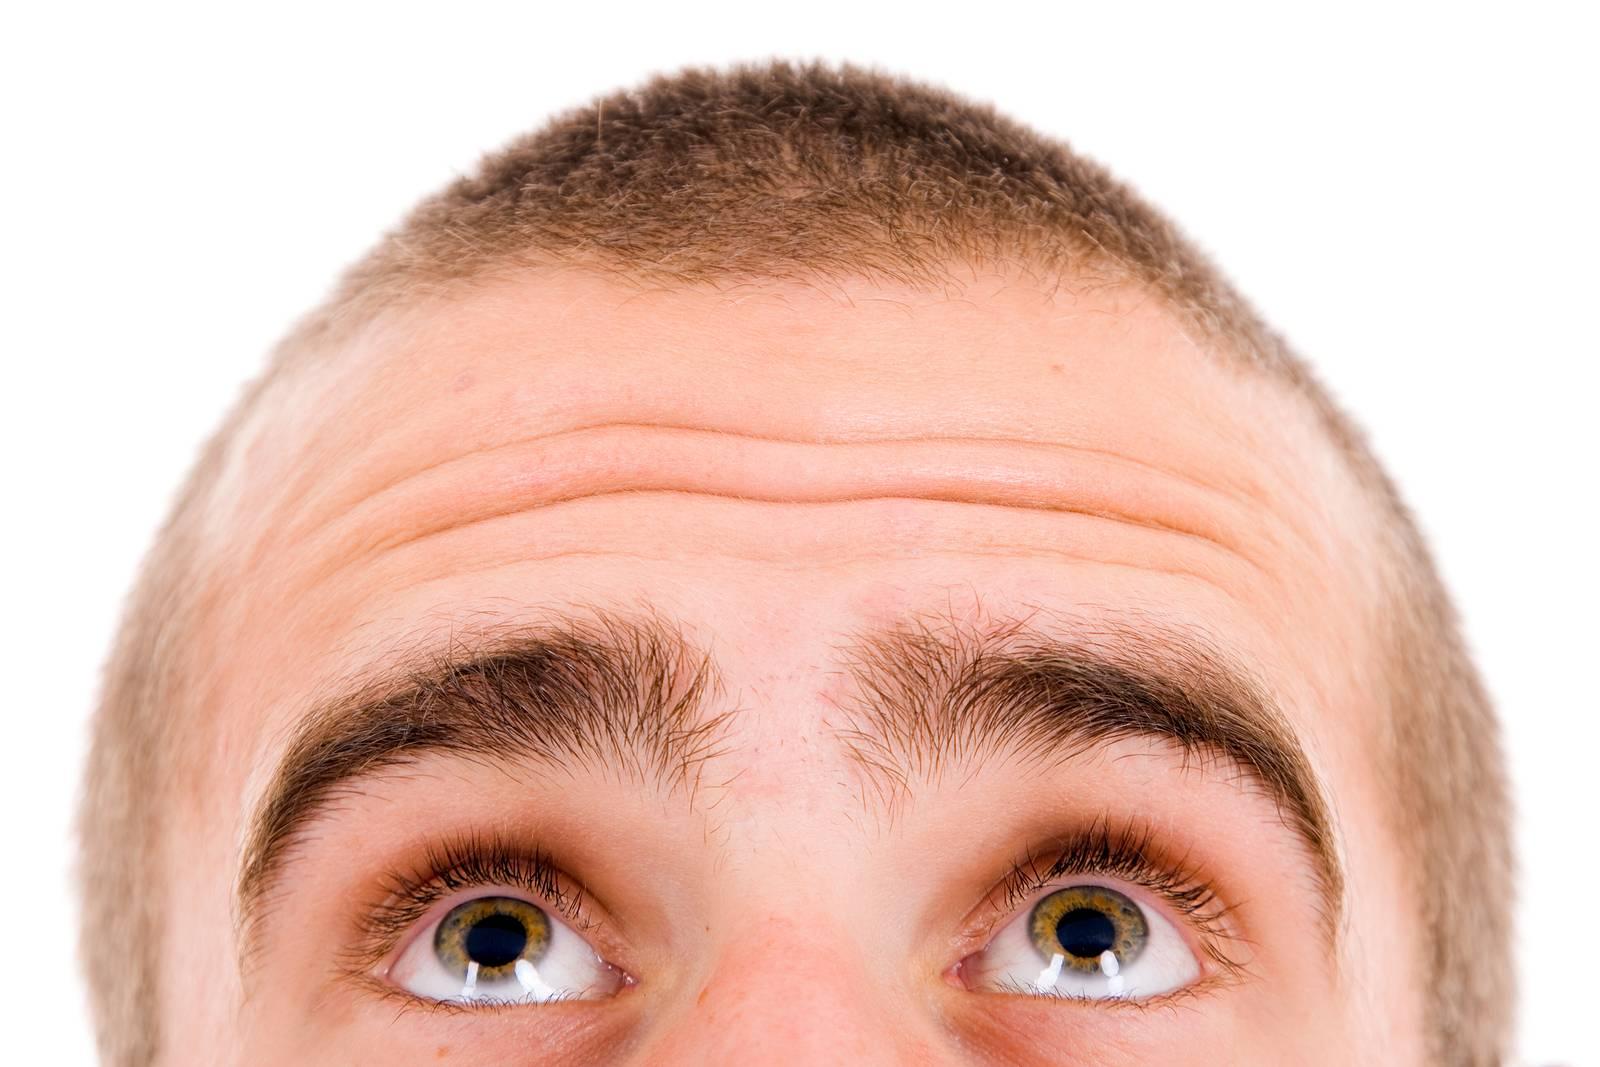 Больно двигать глазами в сторону, вверх, вправо, влево: причины, диагностика, лечение (капли, мази, очки, витамины, упражнения)